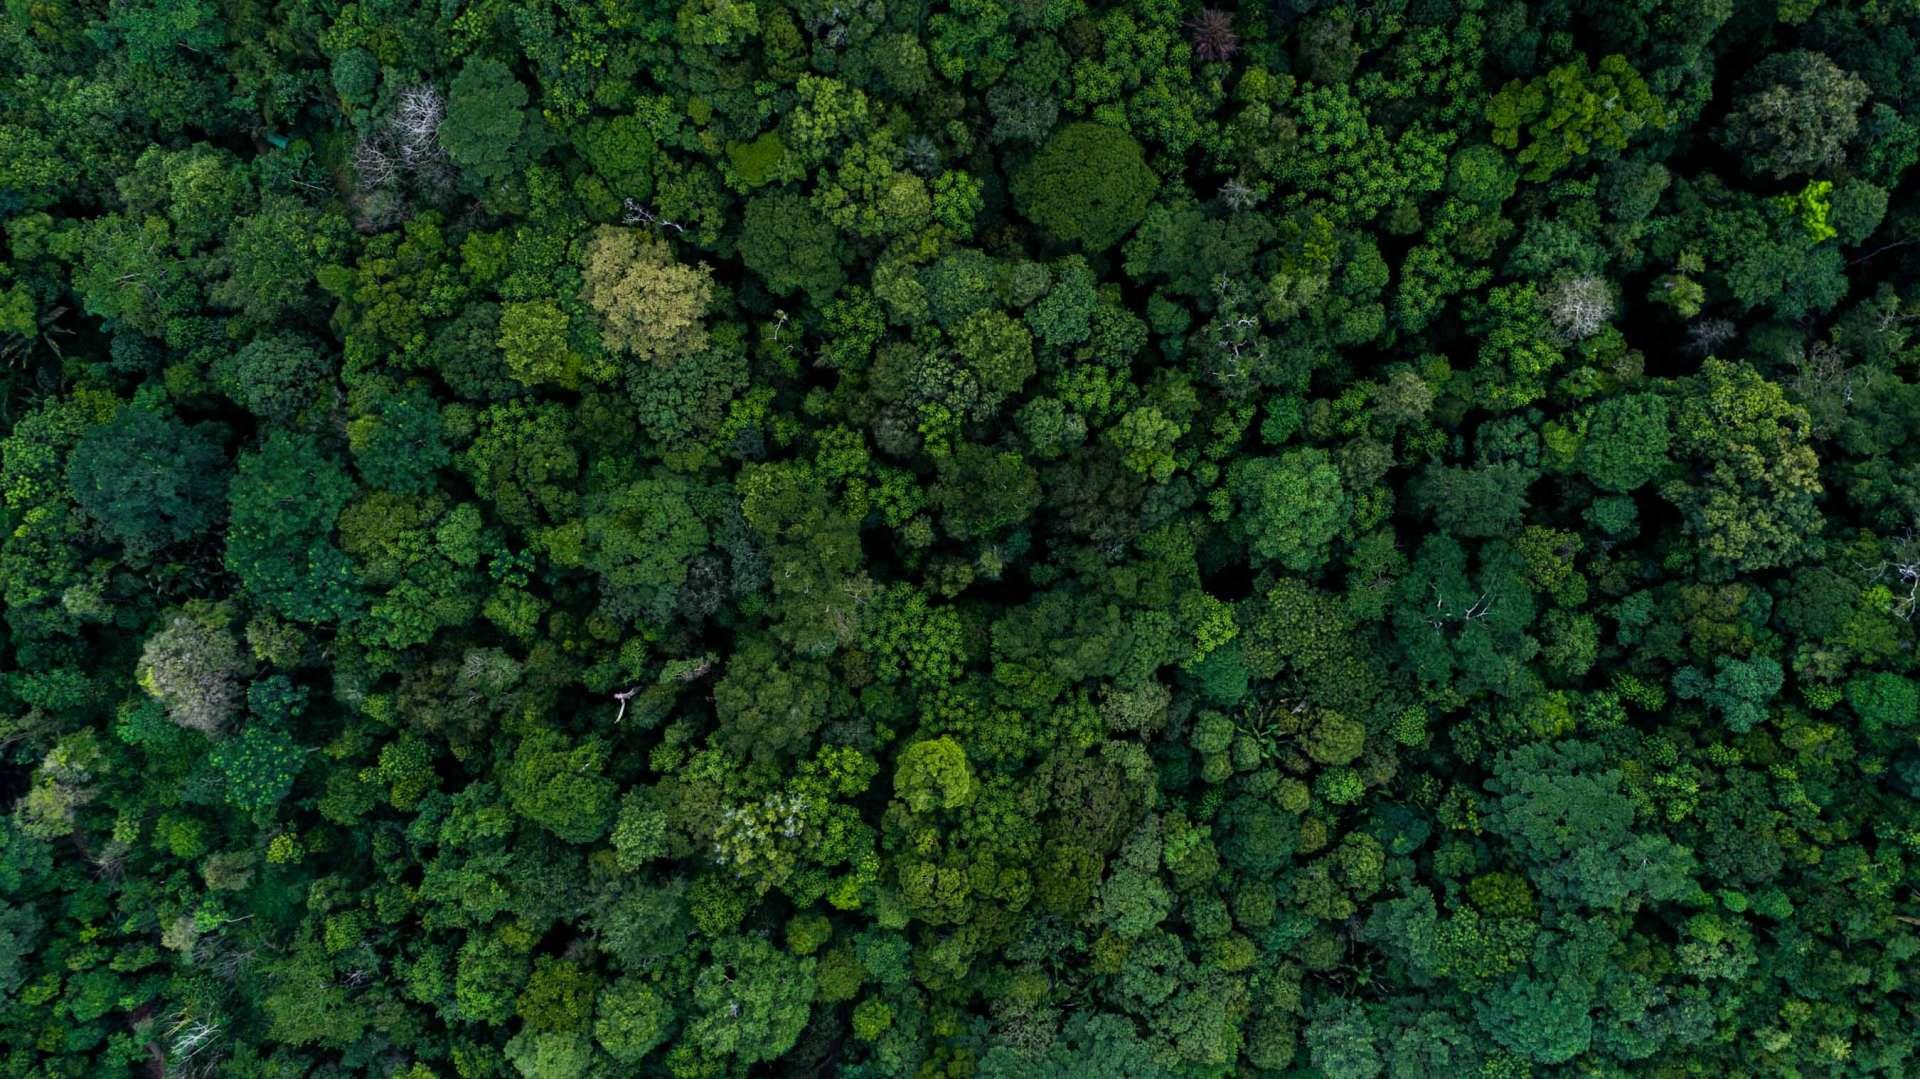 Jungle Broccoli Costa Rica From Above Enrico Pescantini